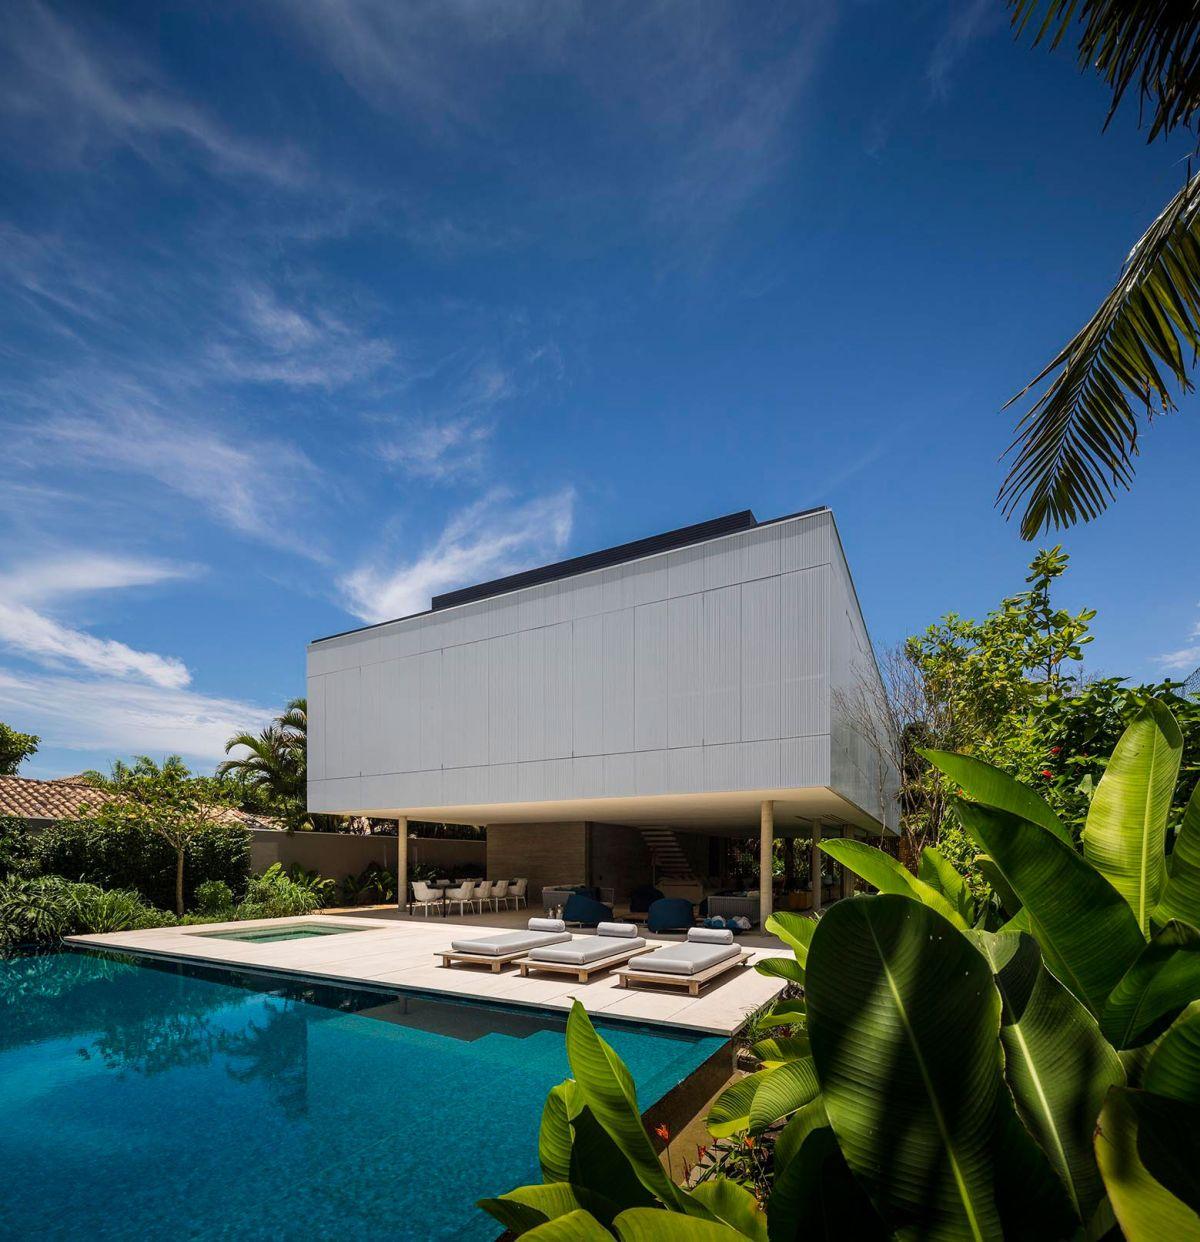 White House in Brazil back yard pool